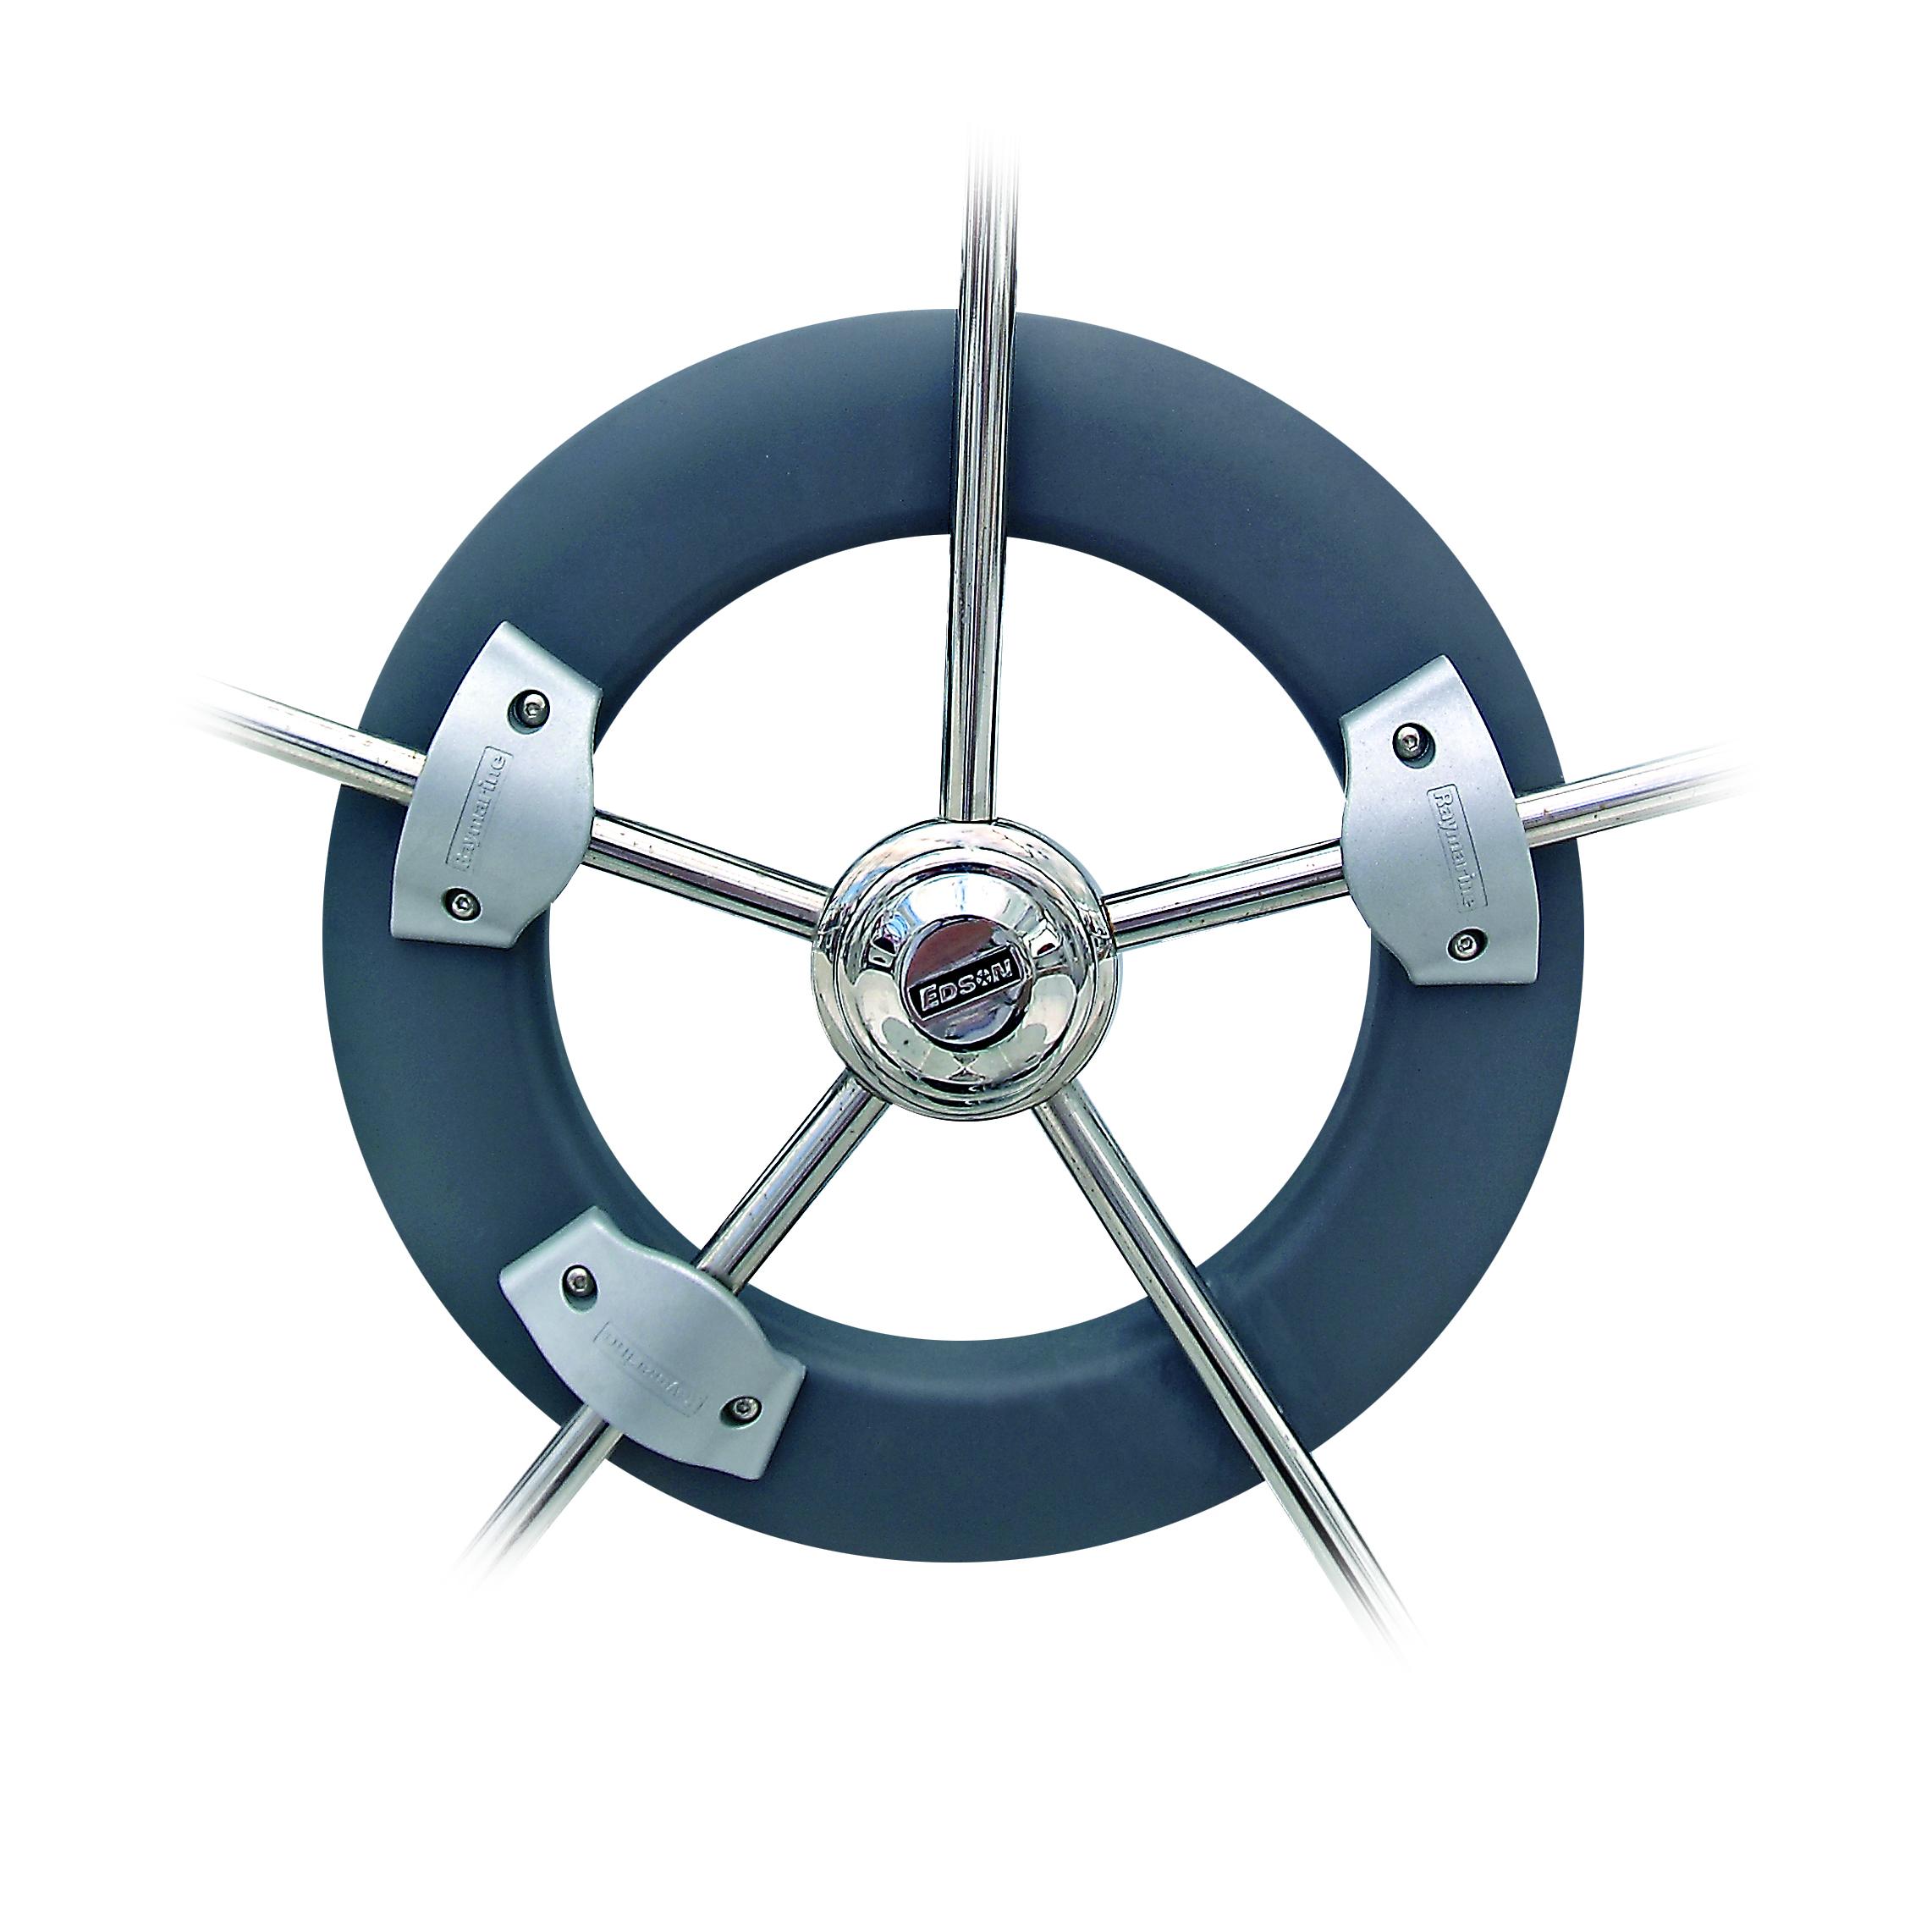 ev-100 wheel drive autopilot